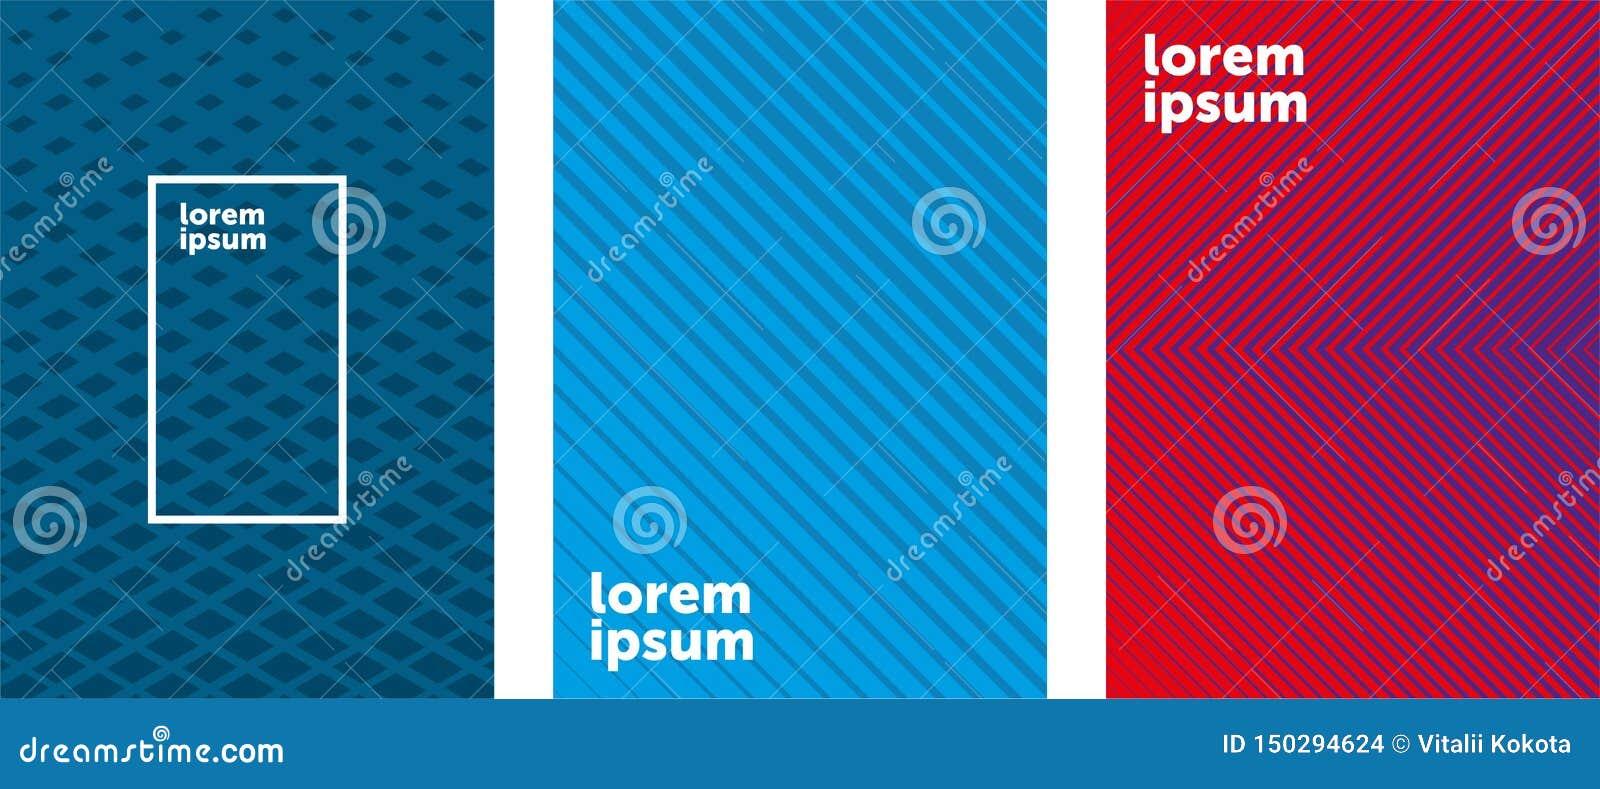 Minimales Abdeckungsdesign Bunte Halbtonsteigungen Zuk?nftige geometrische Muster EPS10